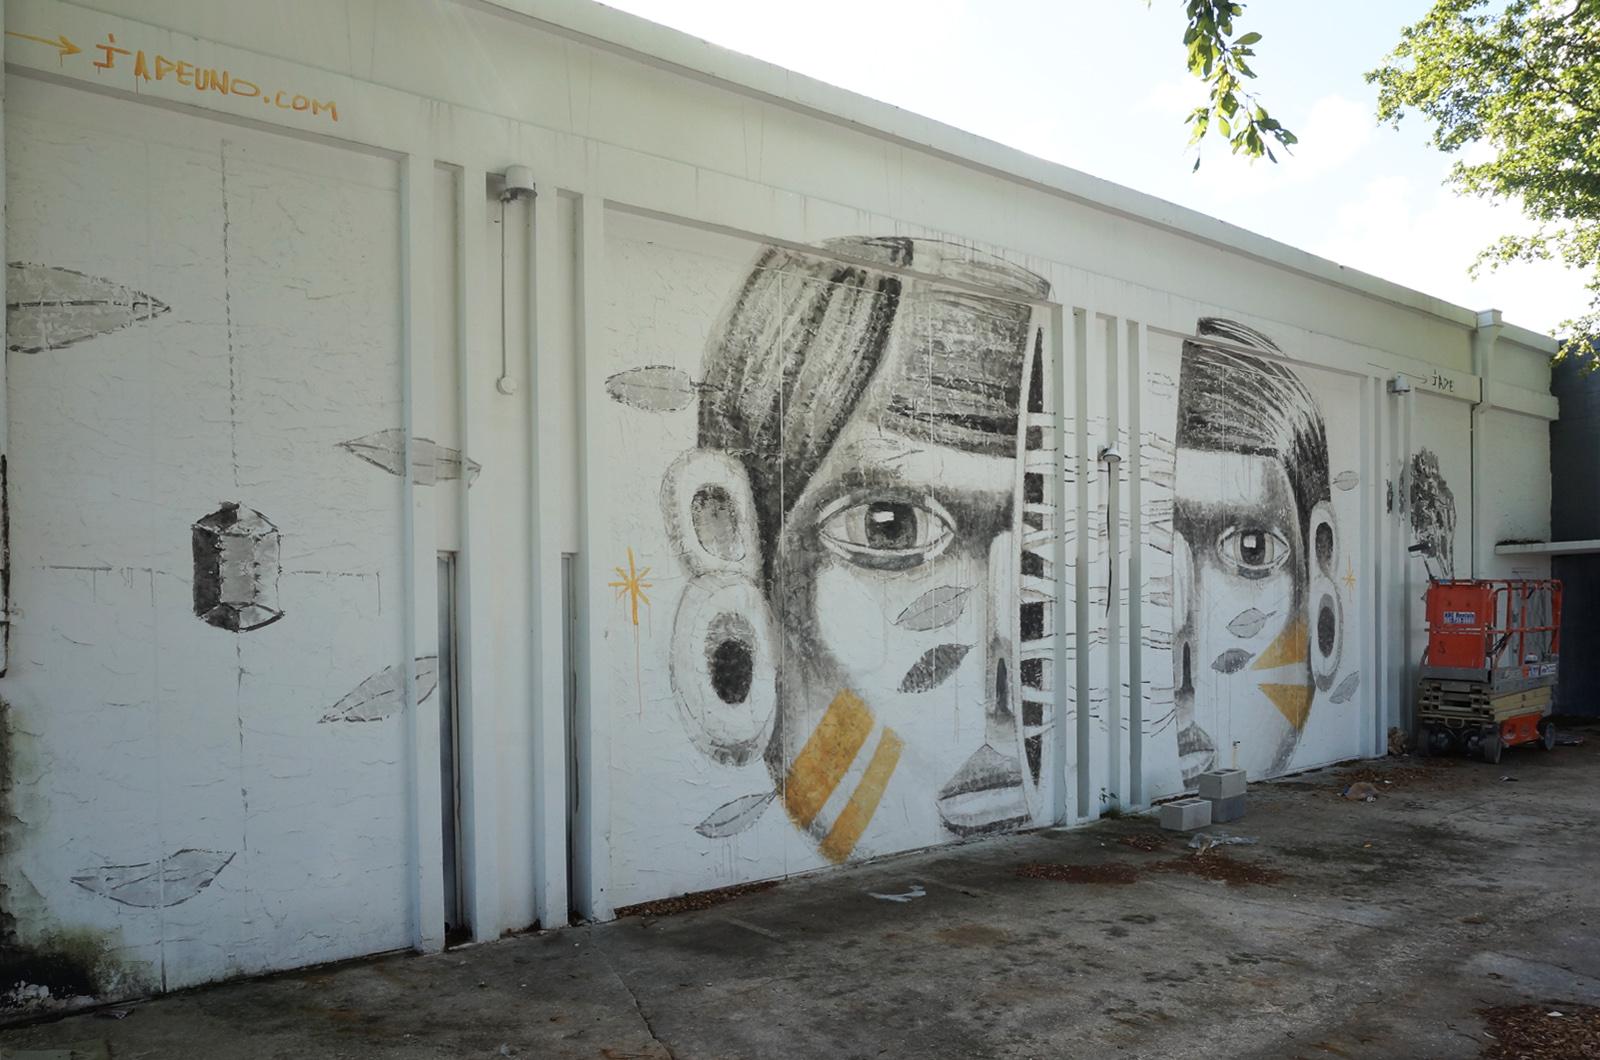 jade-desprendimento-new-mural-for-art-basel-2013-03